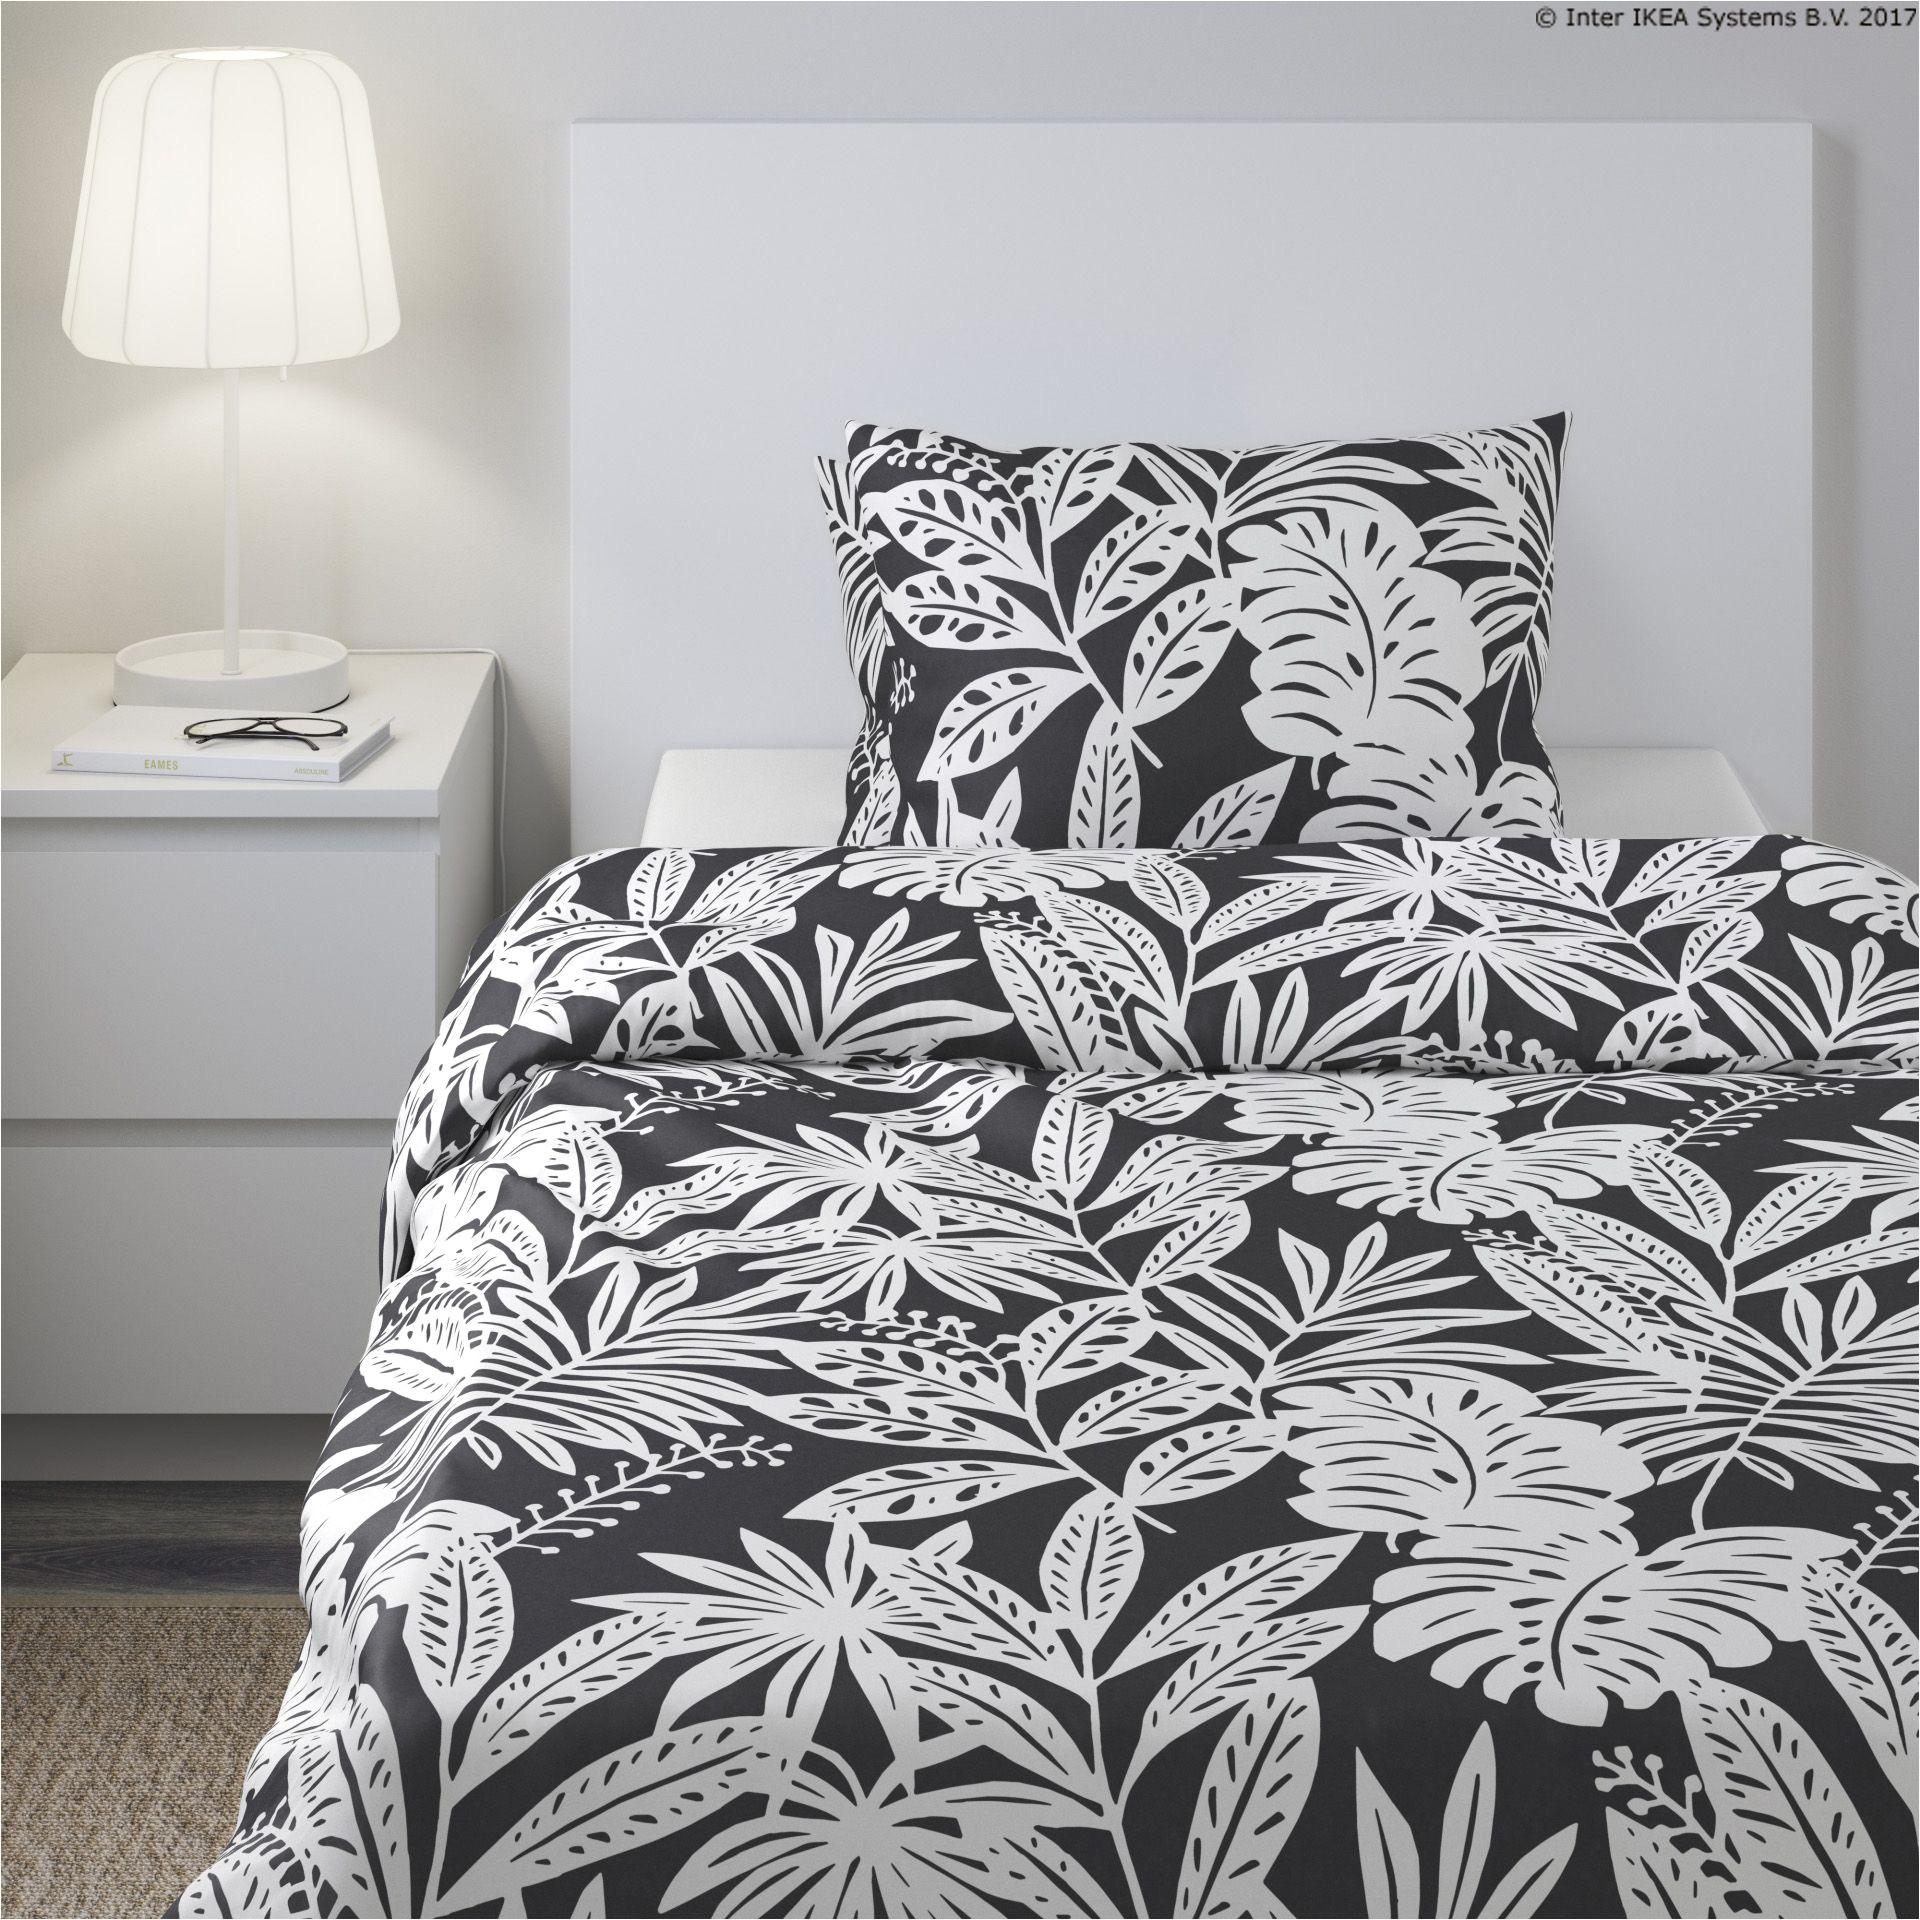 nakon napornog dana opusti se u mekoa i posteljine od 100 postotnog pamuka prozraa na i ugodna za koa u fagerginst posteljina idealna je za sve spavalice